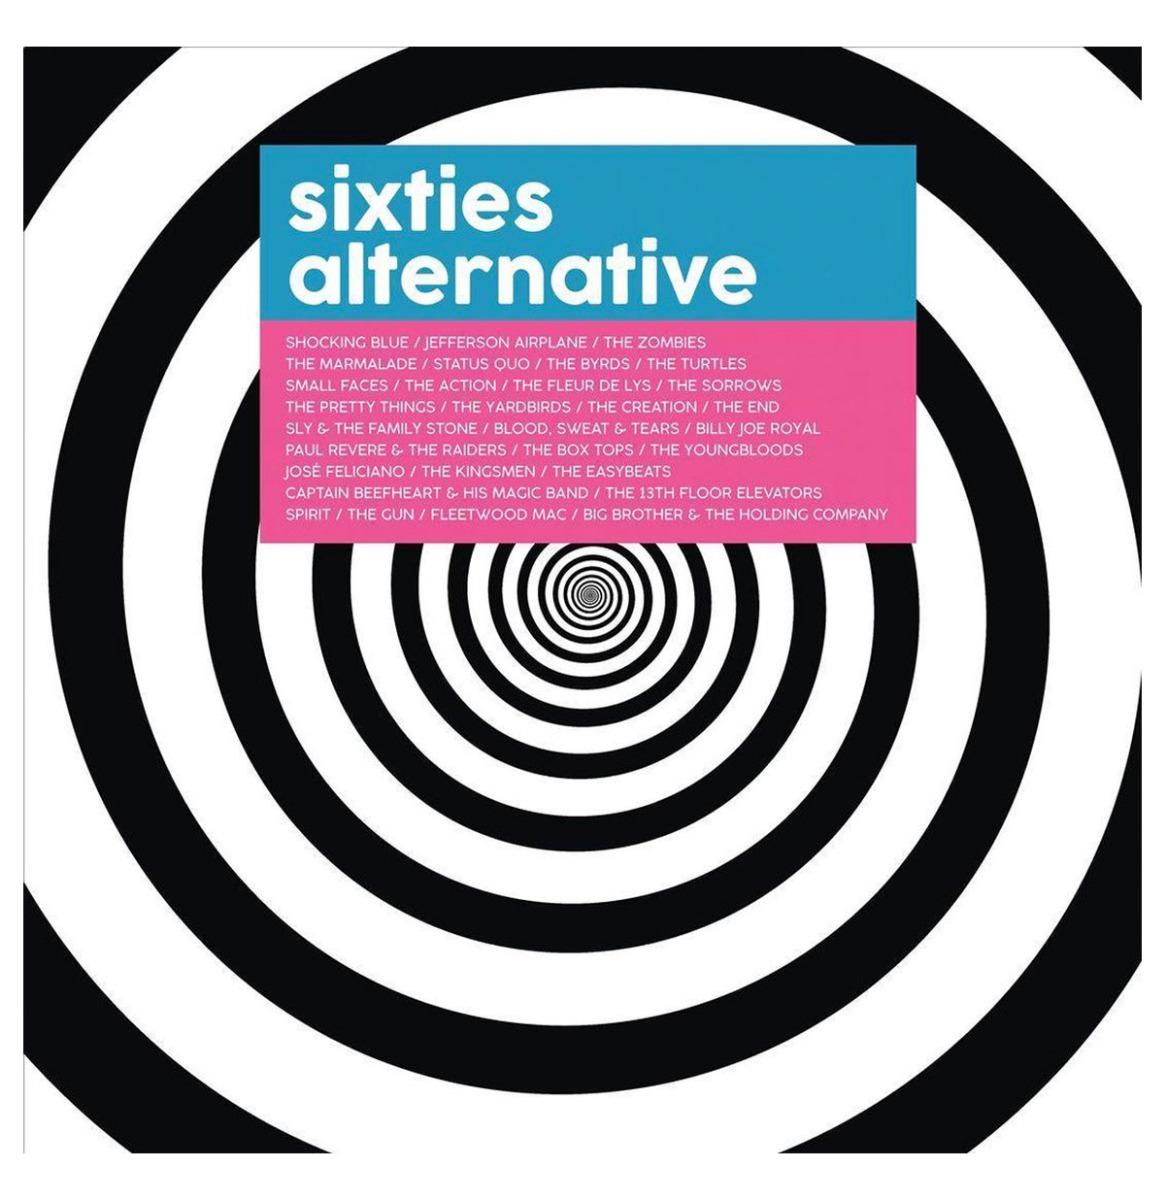 Alternative Sixties - Various Artists 2 LP